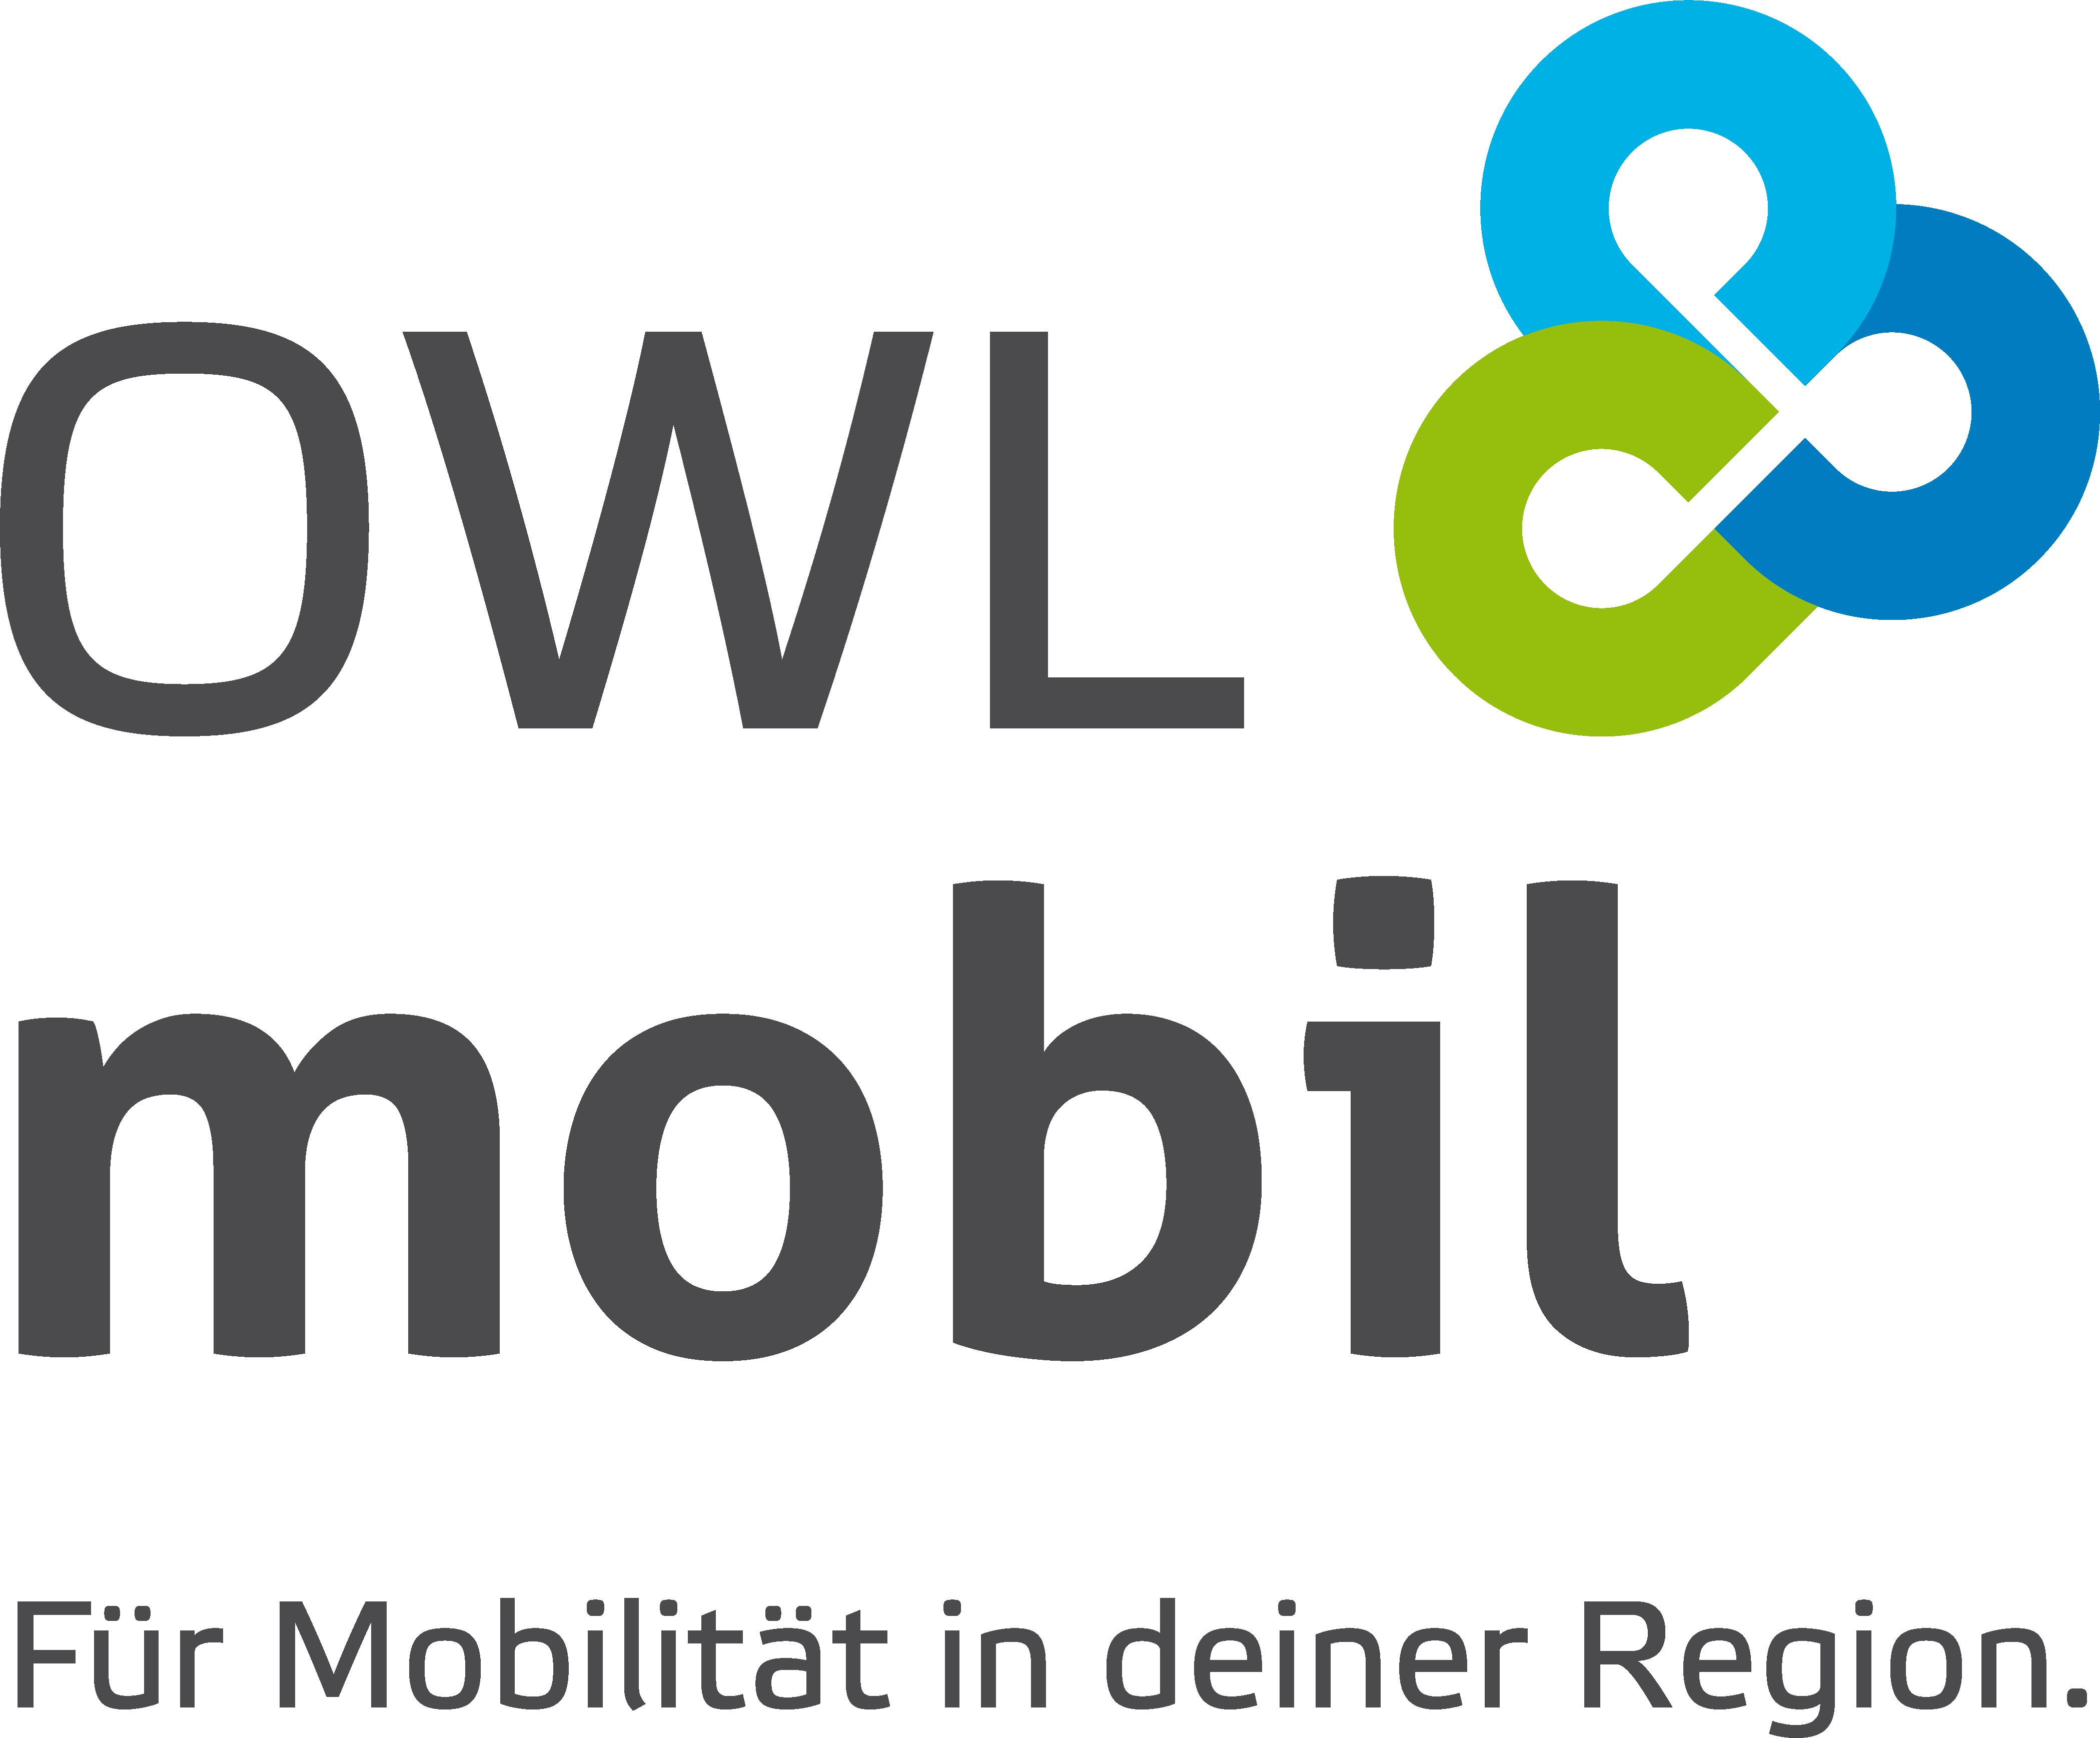 Logo OWLmobil - Für Mobilität in deiner Region.